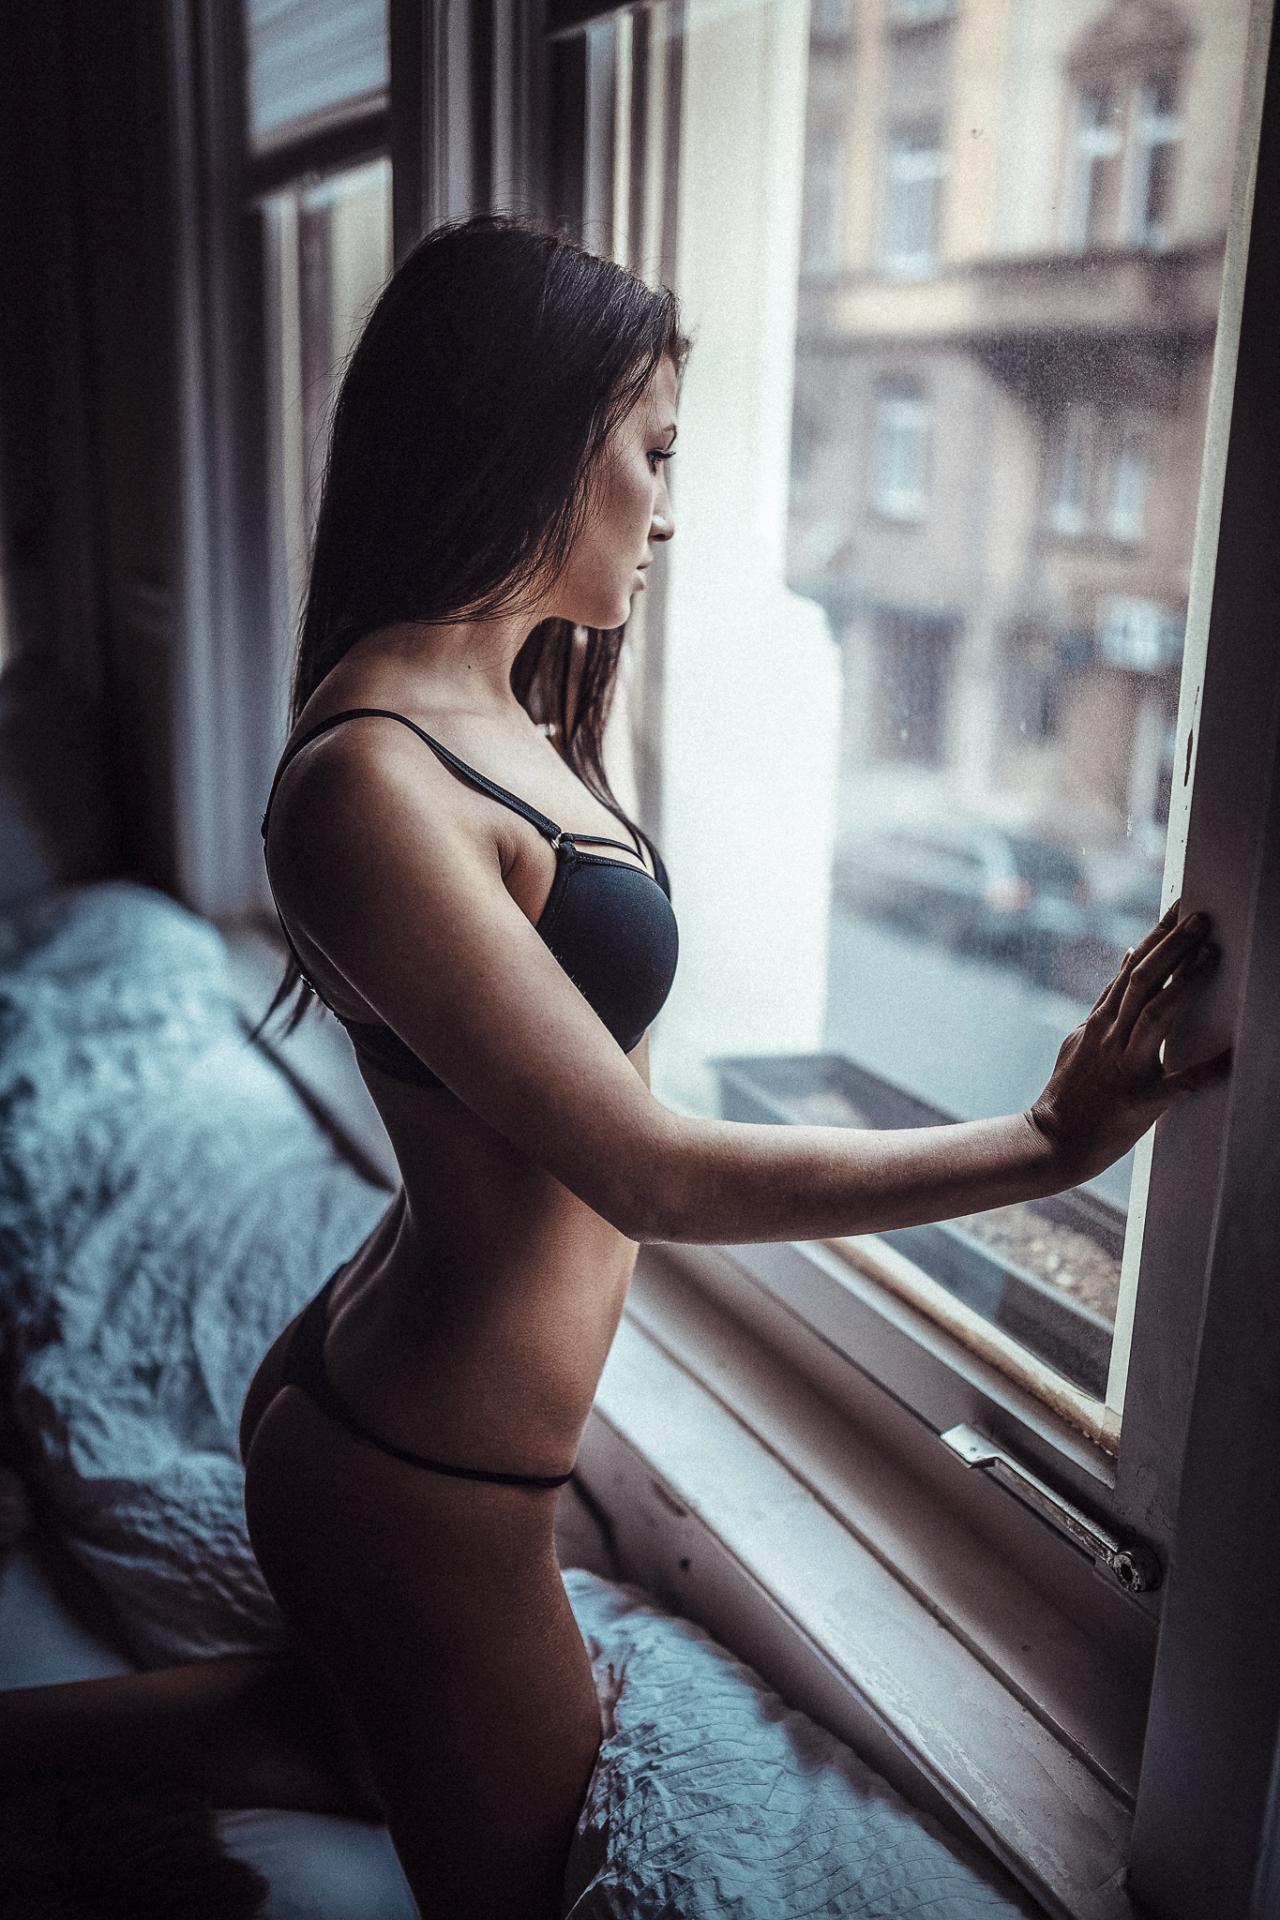 Jasmine schwarz nackt nackt